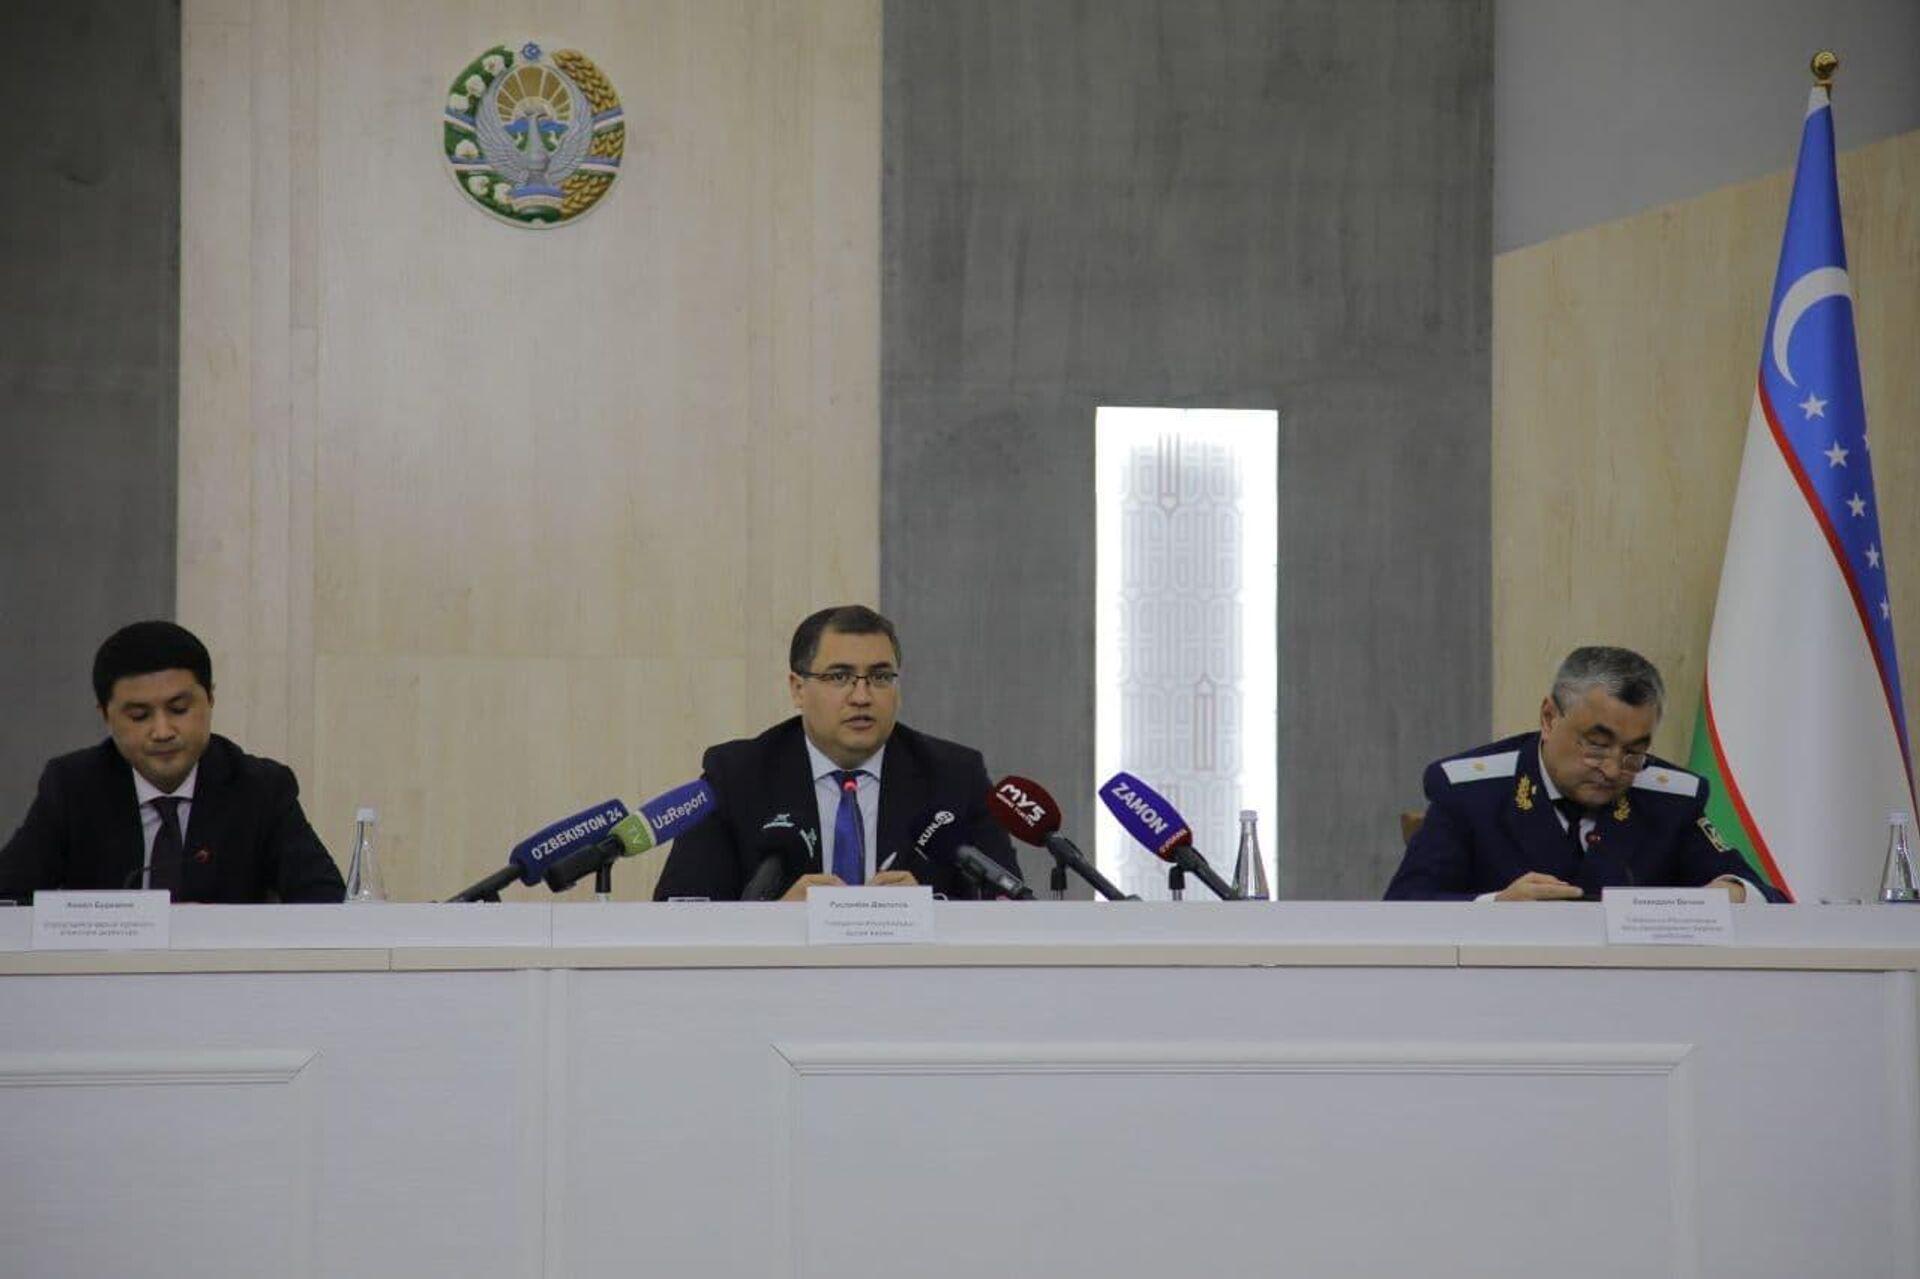 В Минюсте разъяснили суть и значение документов о противодействии коррупции - Sputnik Узбекистан, 1920, 09.07.2021